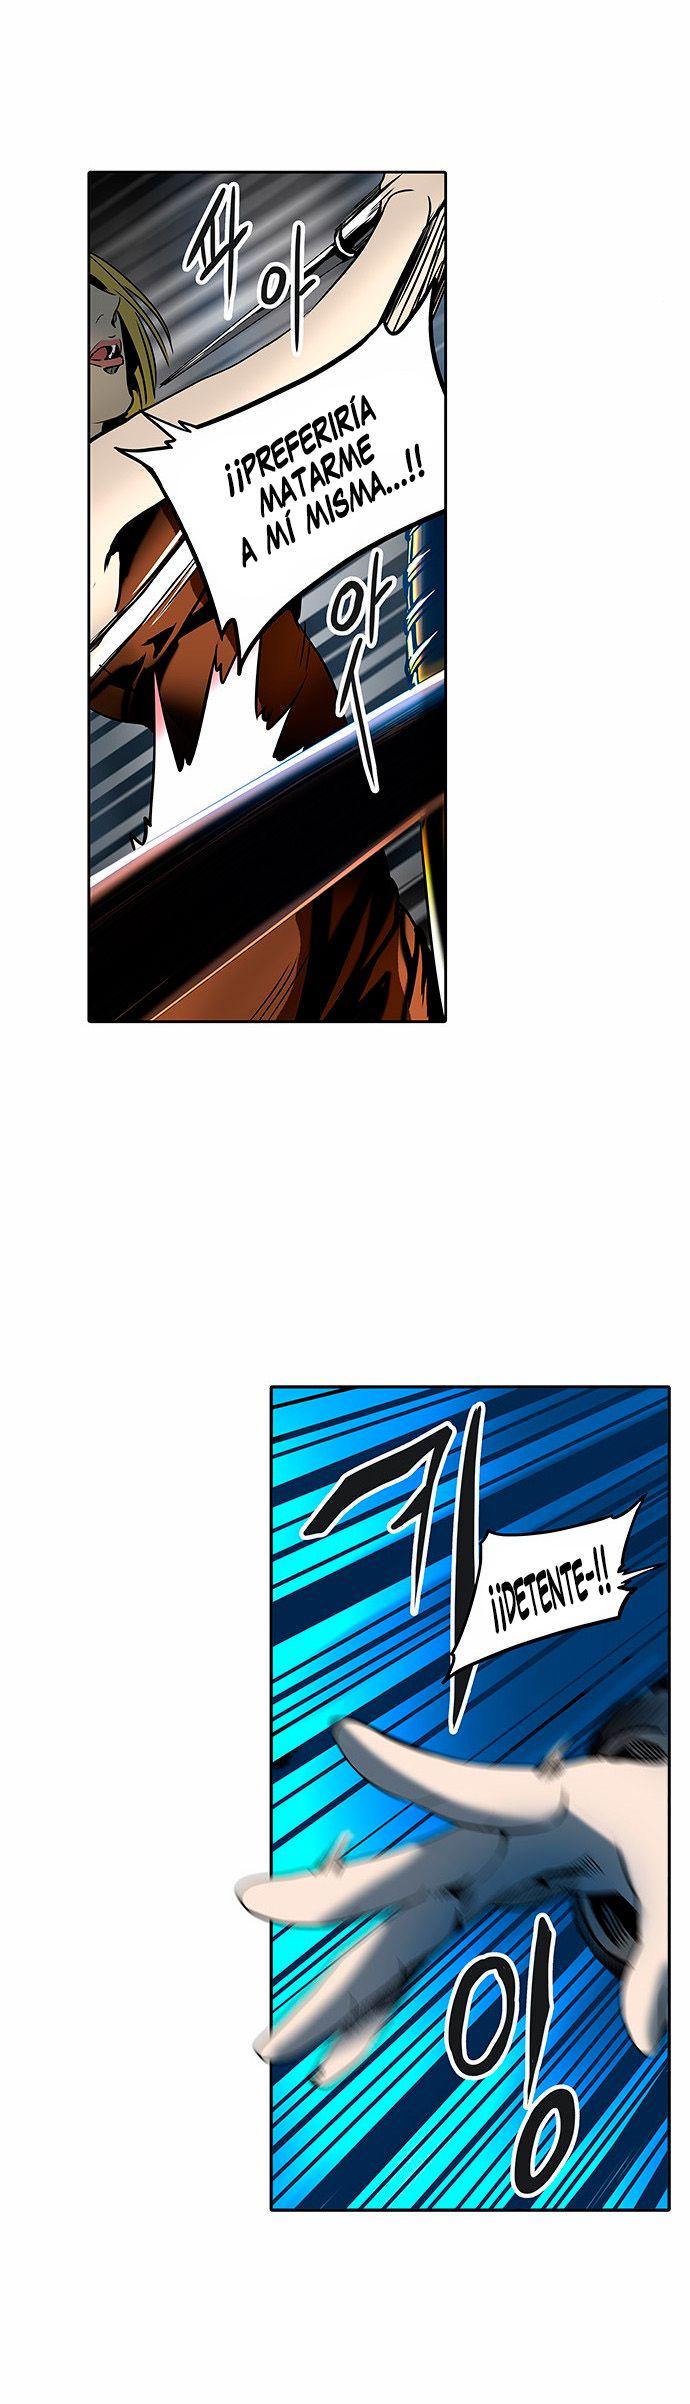 http://c5.ninemanga.com/es_manga/pic2/21/149/501713/6003b60330c8ba2d05b6ae25b65a7471.jpg Page 4